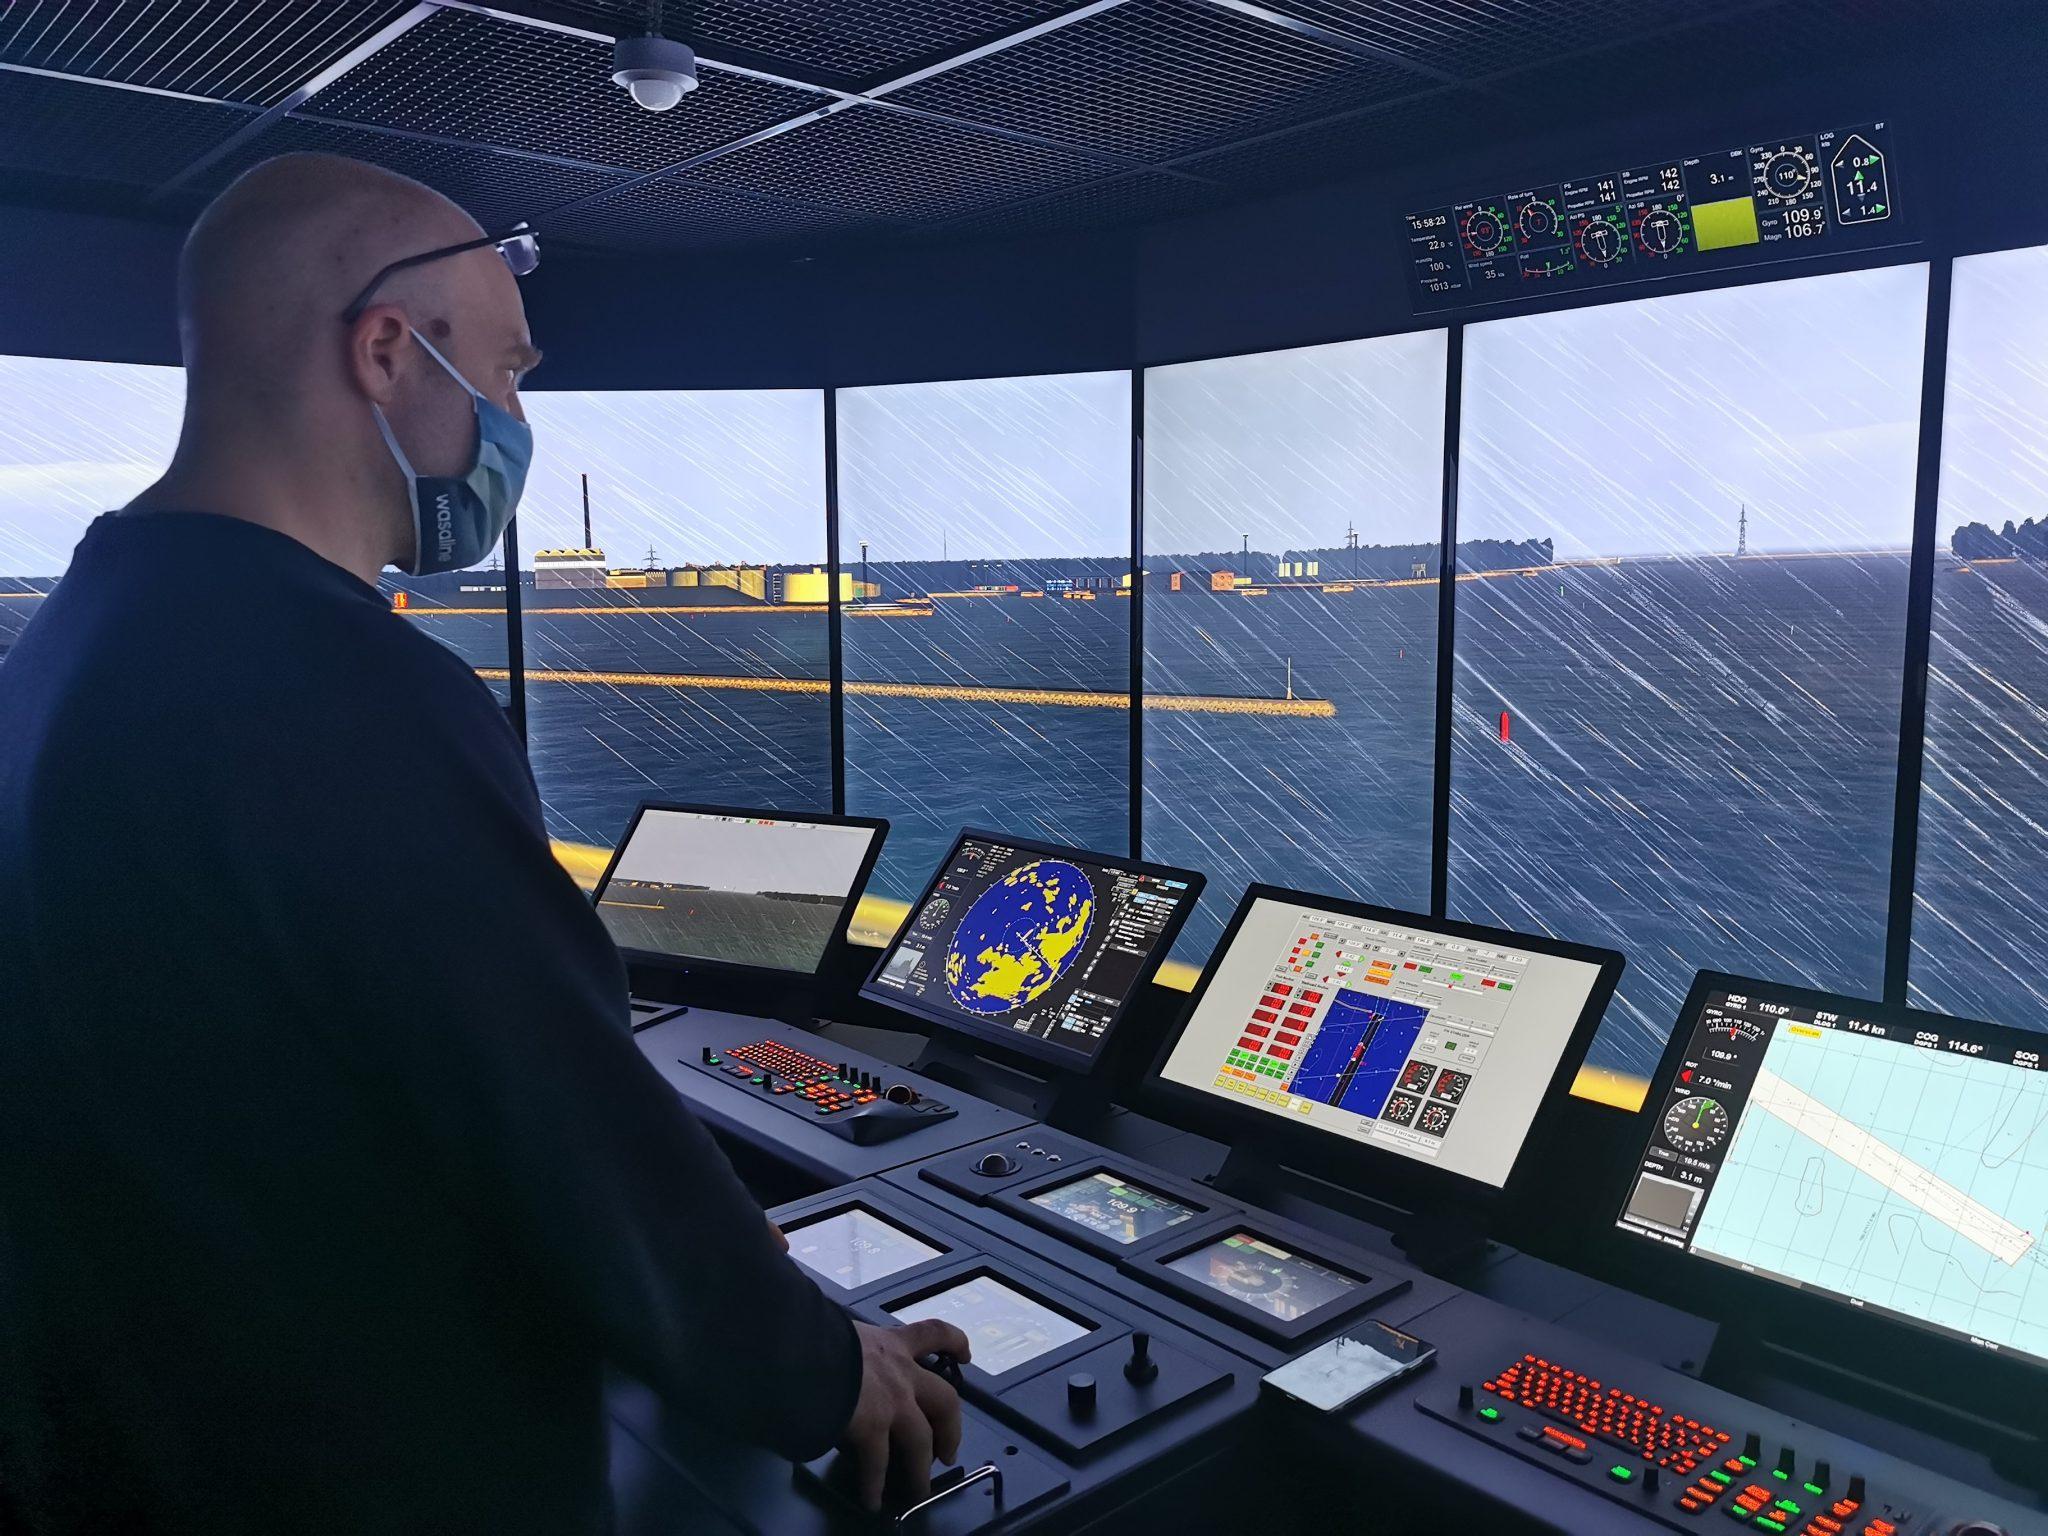 Yhteiskäyttösimulaattorit Kapteeni ohjaa laivaa merenkulun komentosiltasimulaattorissa. Näytöillä näkyy sateinen satamanäkymä.